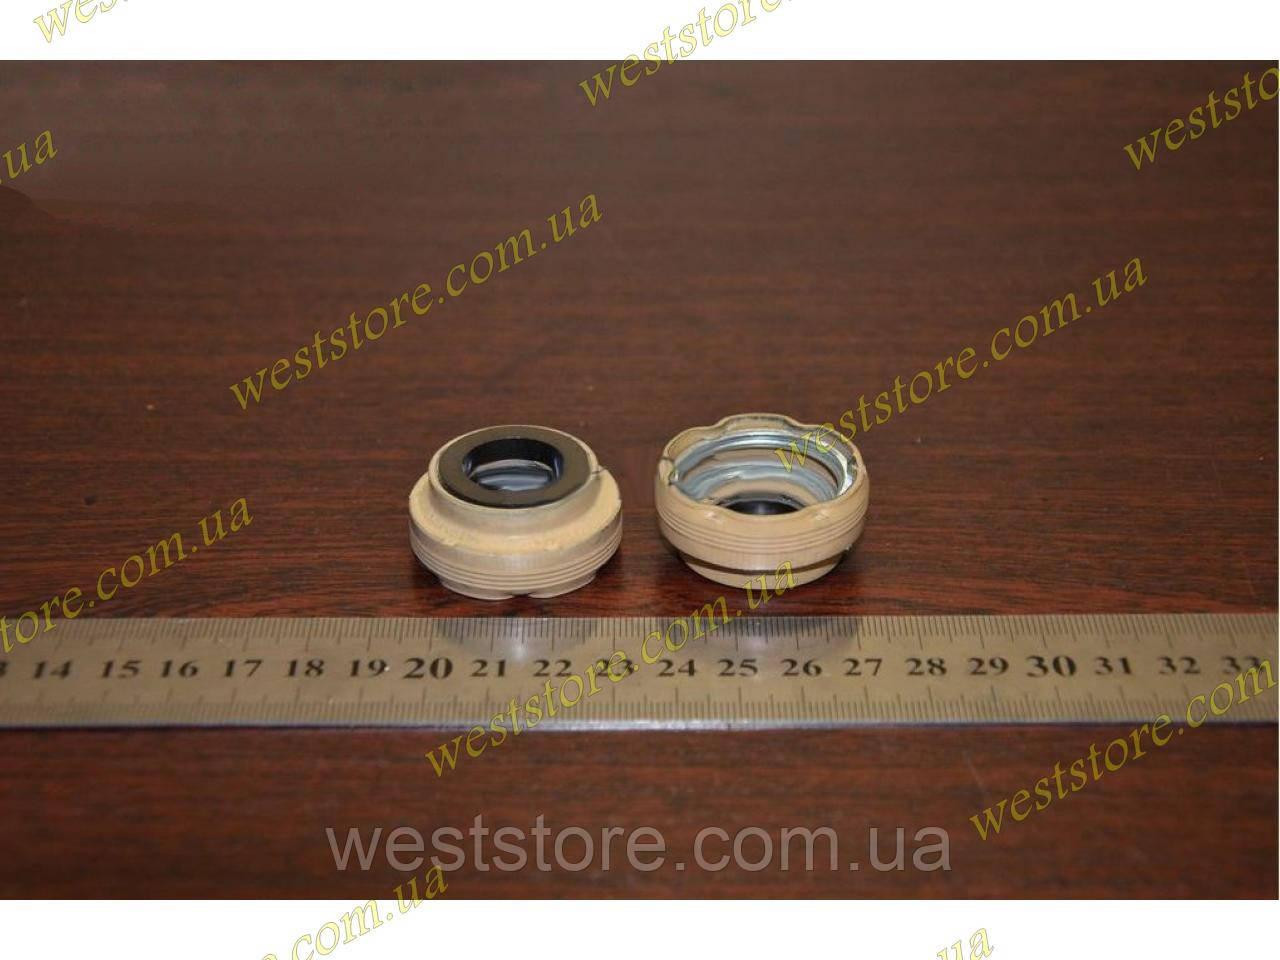 Сальник водяного насоса,помпы Ваз 2101-2107 2121 нива 2108, Заз 1102,1103 таврия Сенс нового образца